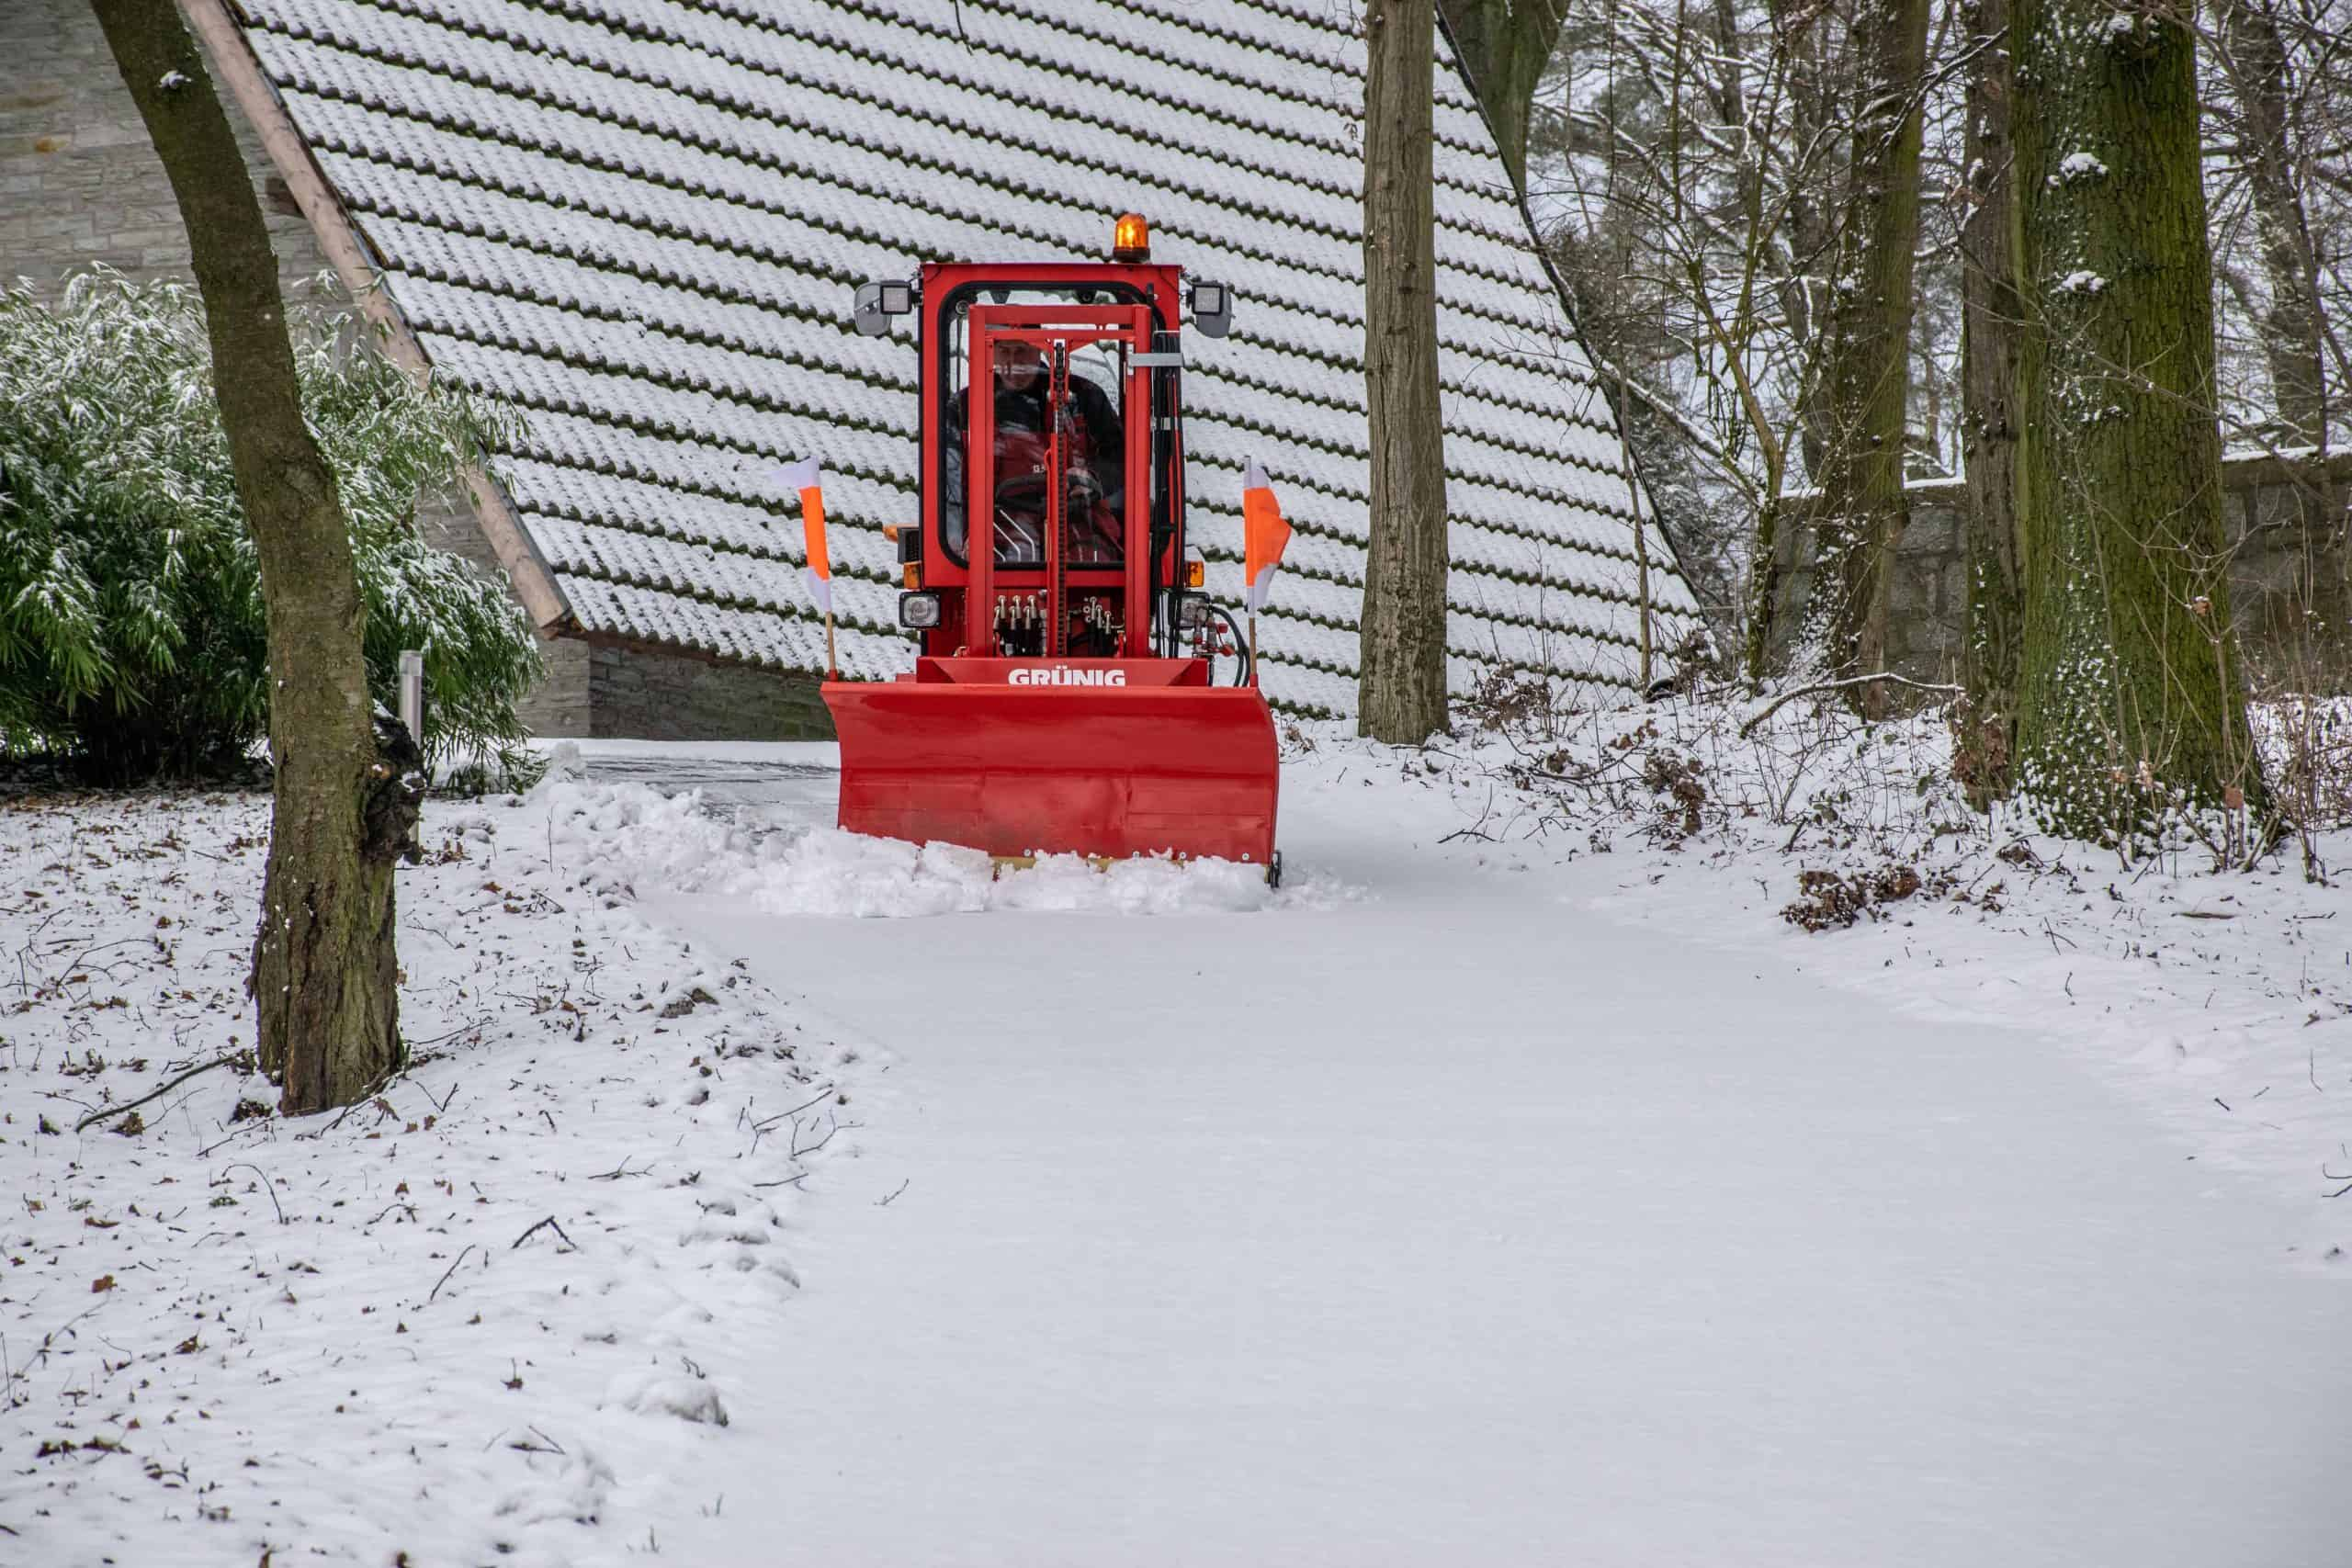 Winterdienstgerät Strasse